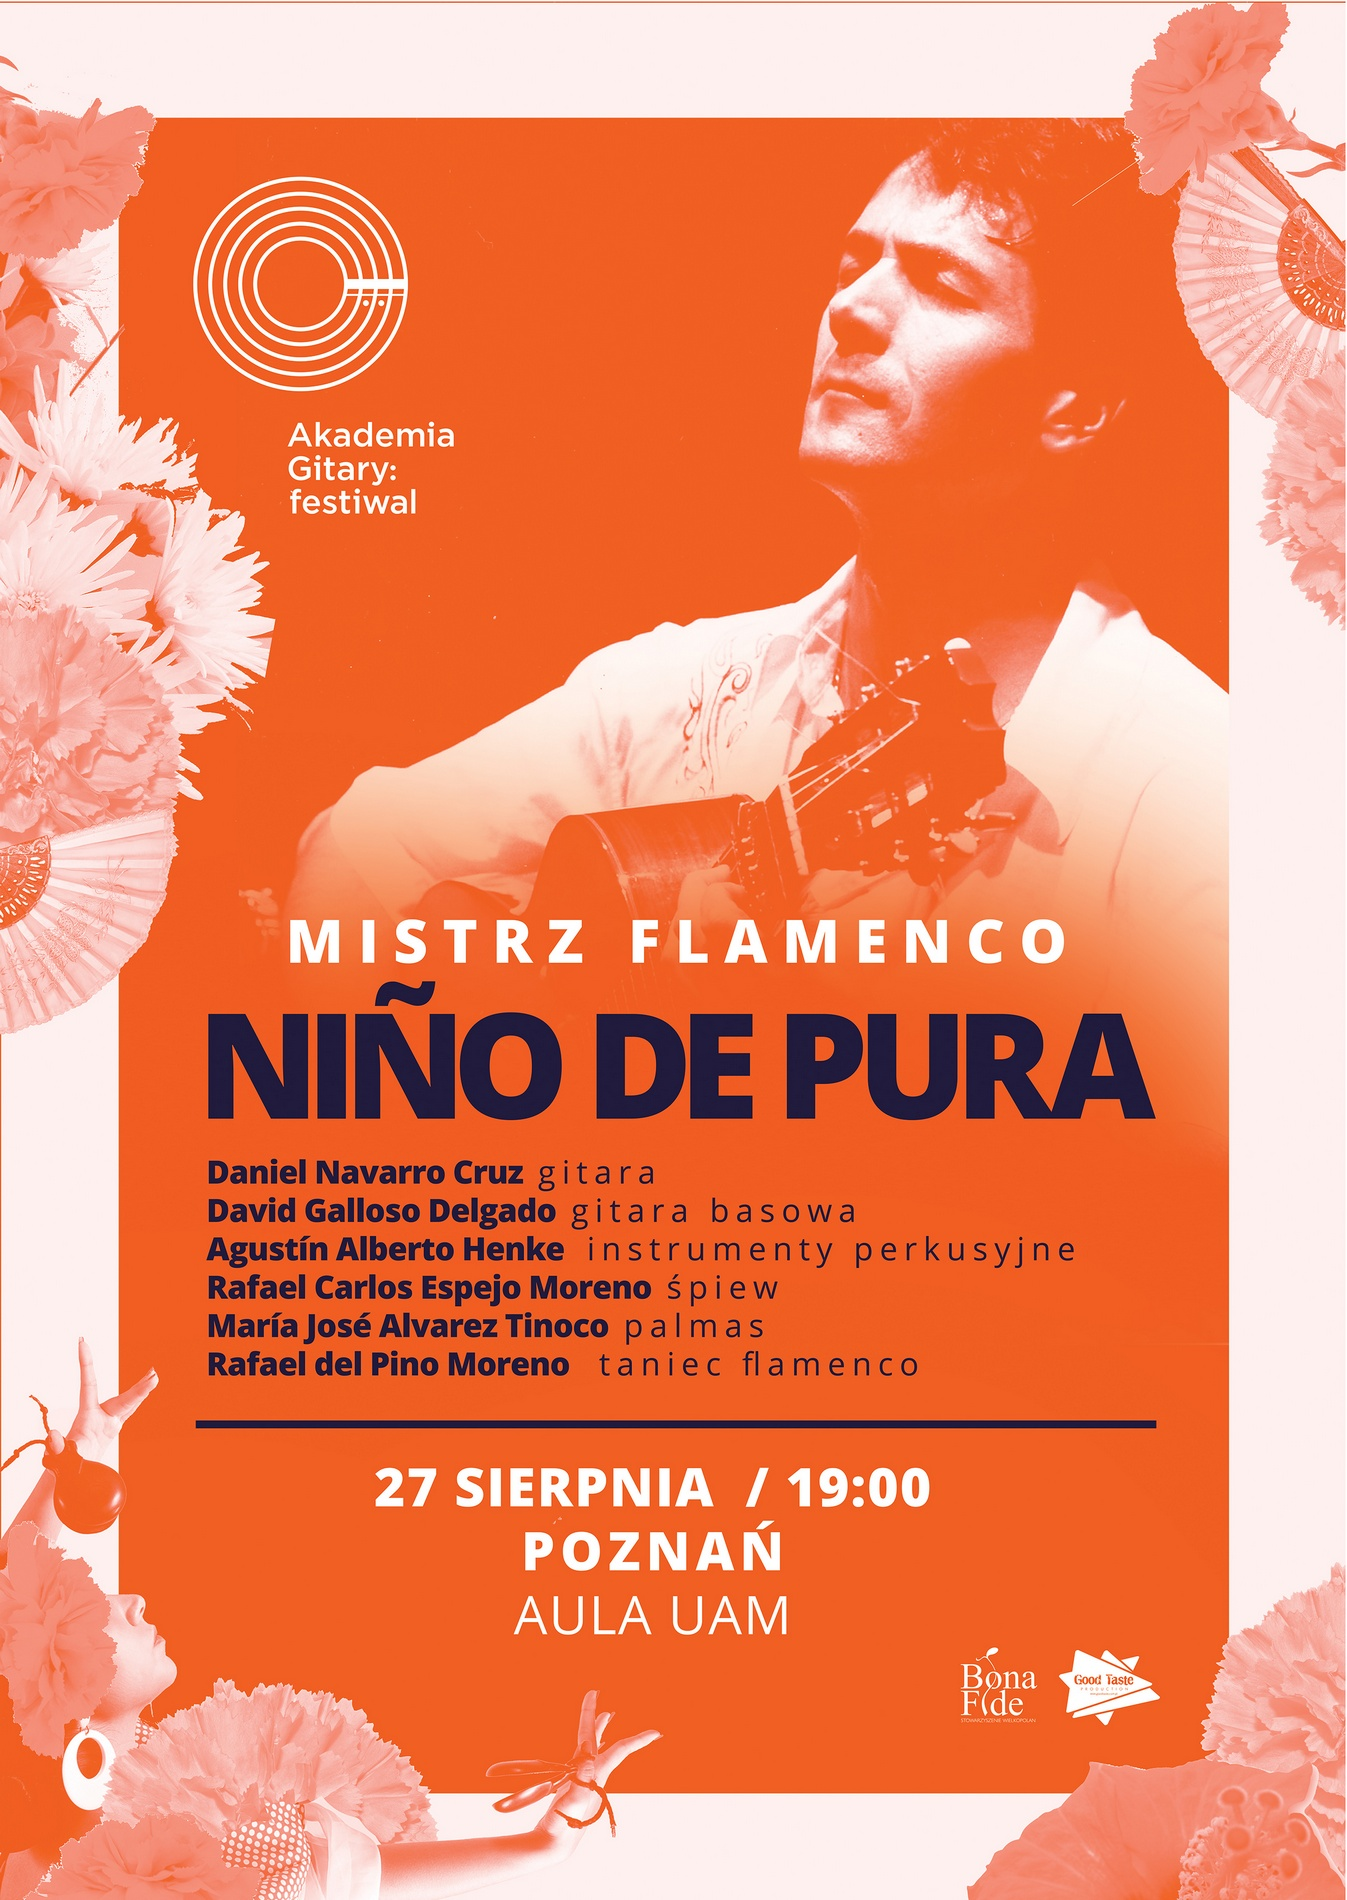 Niño de Pura – plakat (źródło: materiały prasowe organizatora)